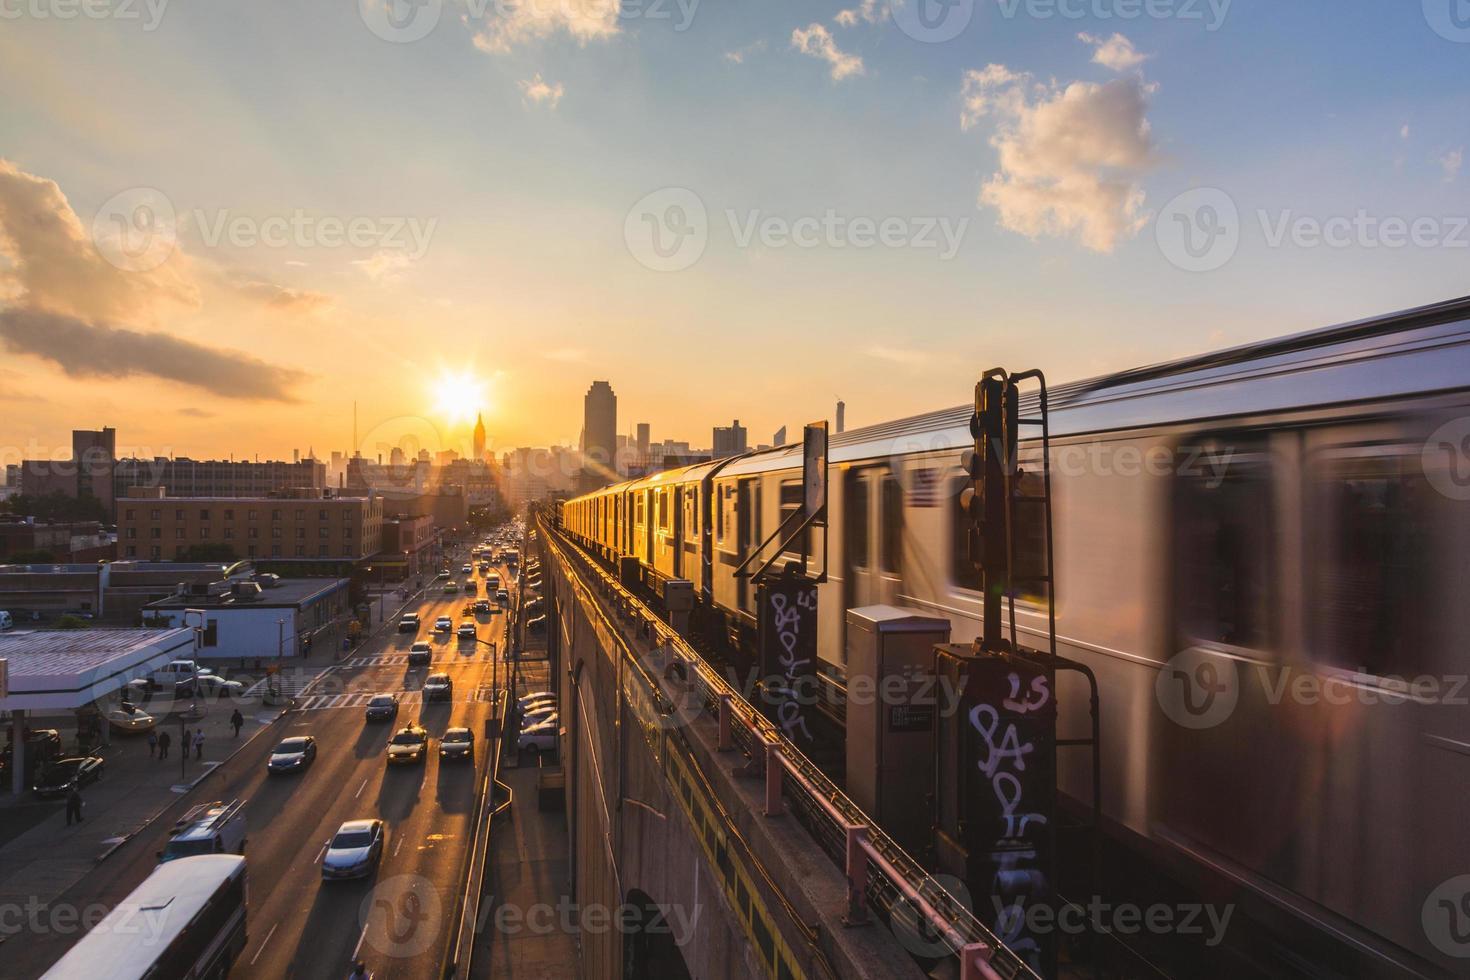 trem do metrô em nova york ao pôr do sol foto